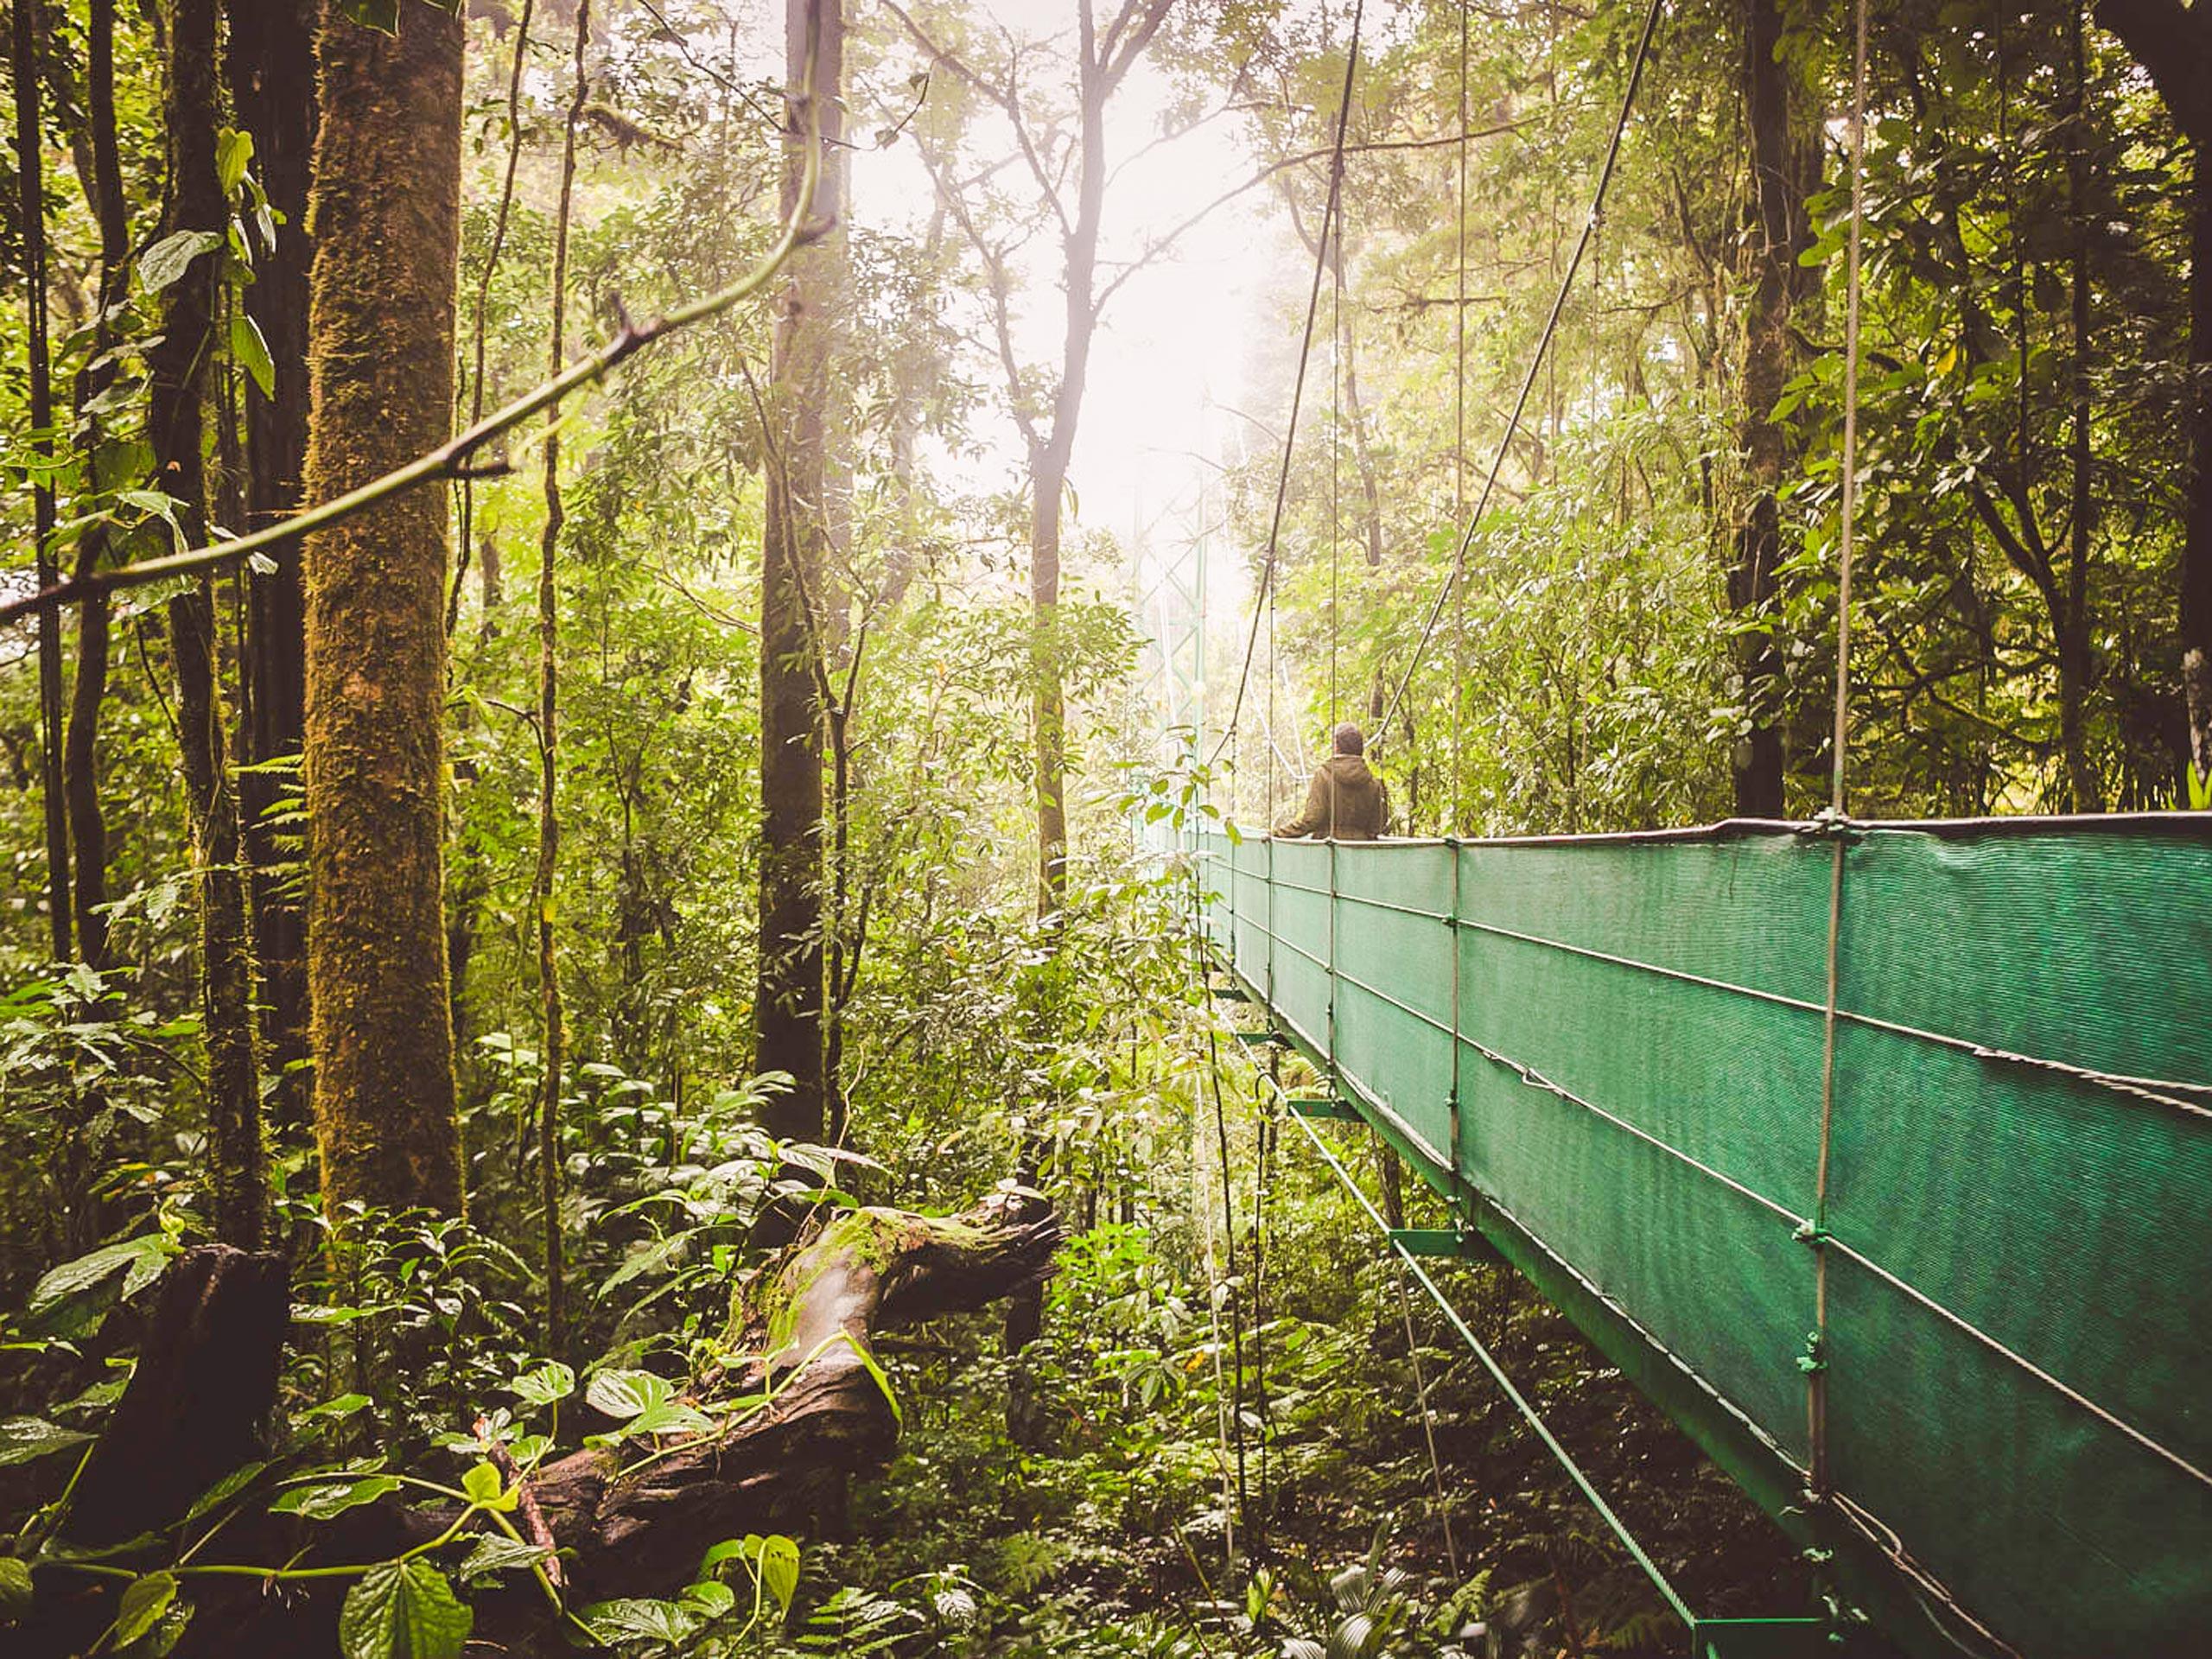 Sky walk on the hanging bridge in Monteverde